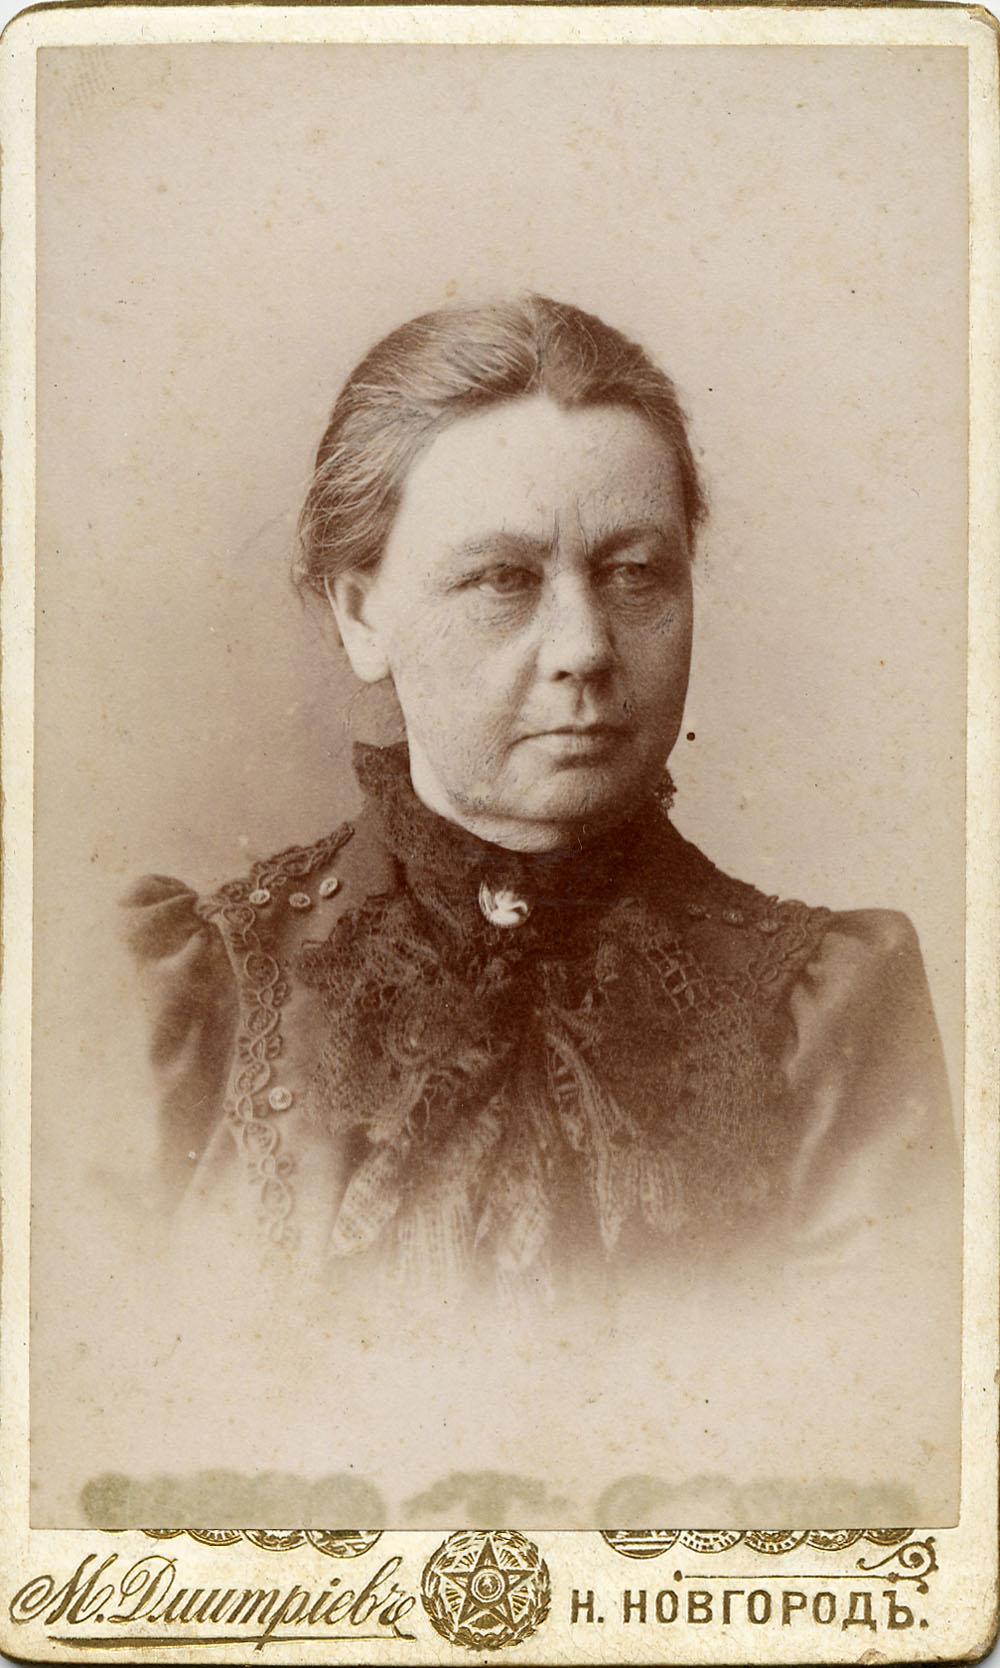 Портрет пожилой женщины. На обороте надпись «Моей милой ученице Быковой от ее надзирательницы на добрую память»